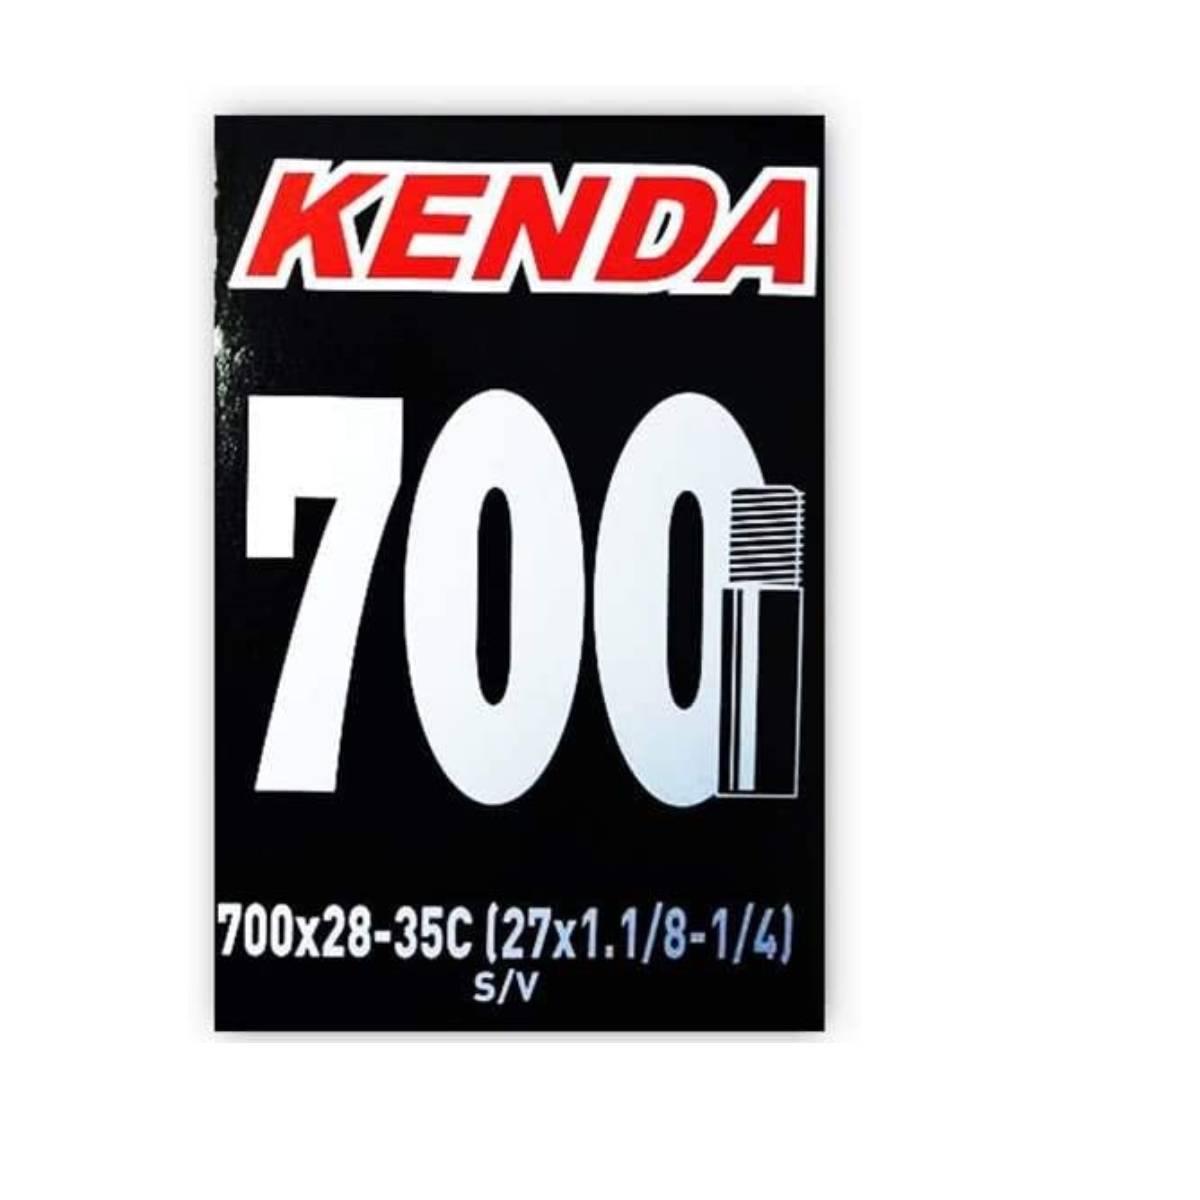 Chambre a air Kenda 700x28-35c Schrader 35mm